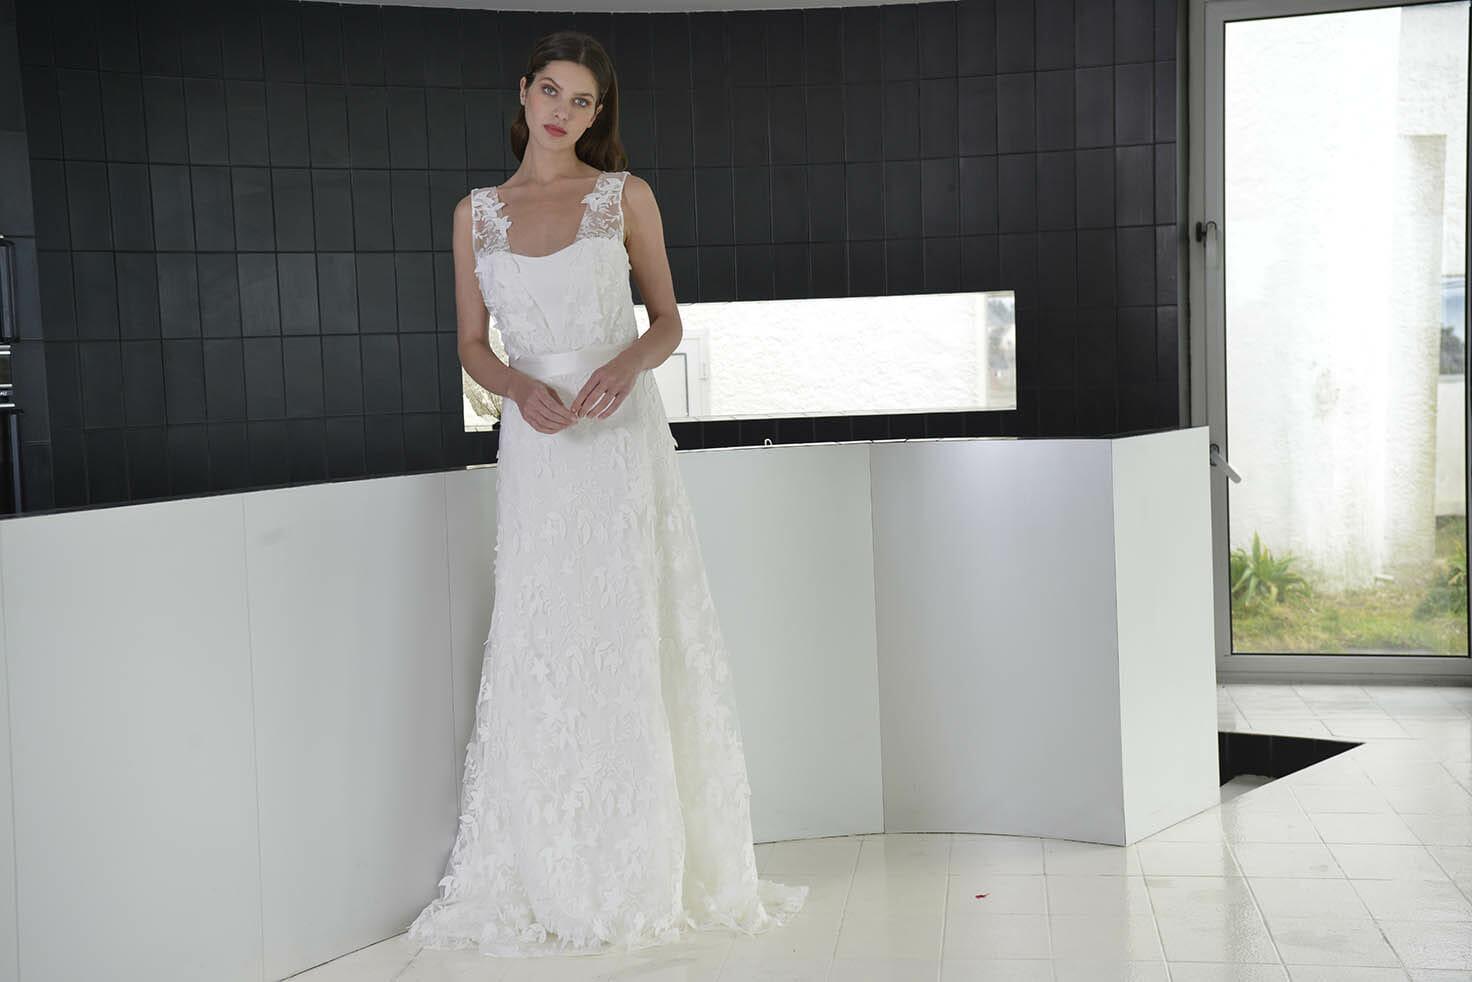 La robe de mariée Cannes, style bohème fabriquée en France par Lambert Créations pour Croquelune